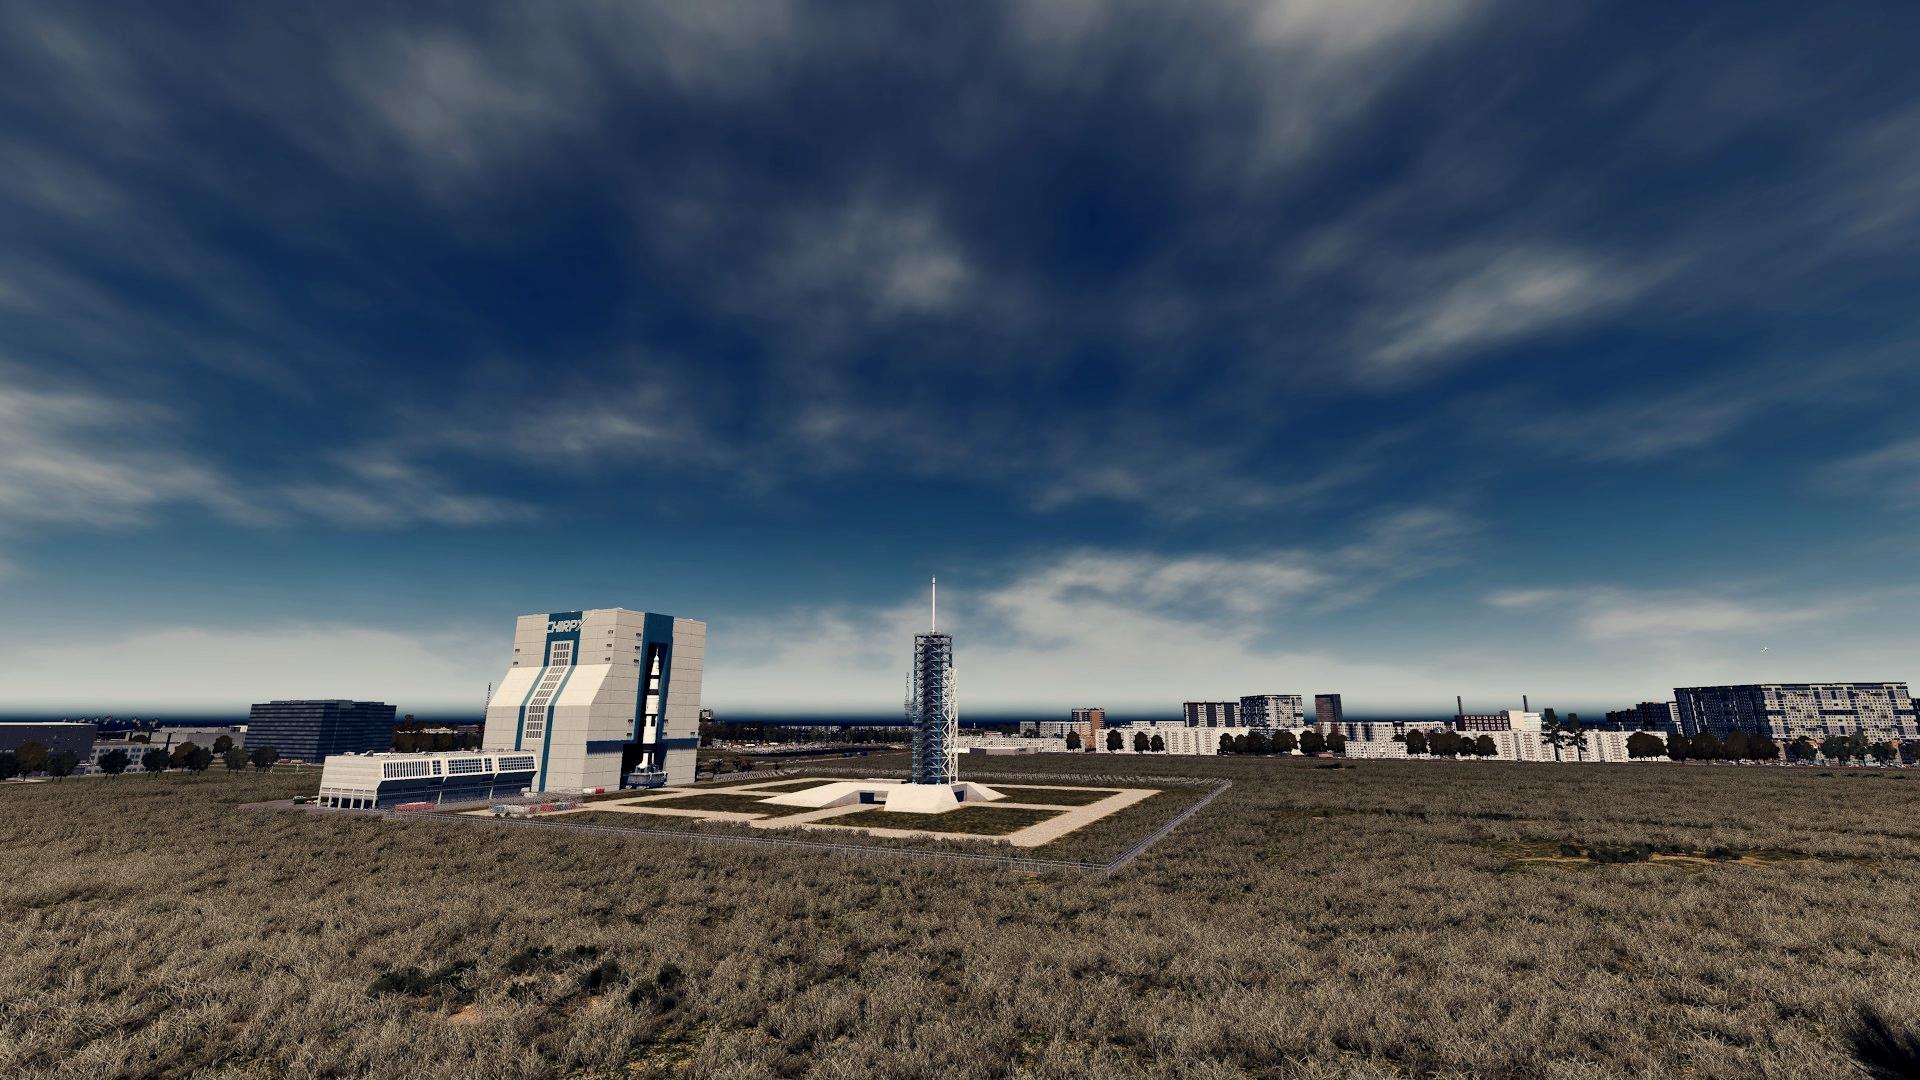 Djavolja Varos. (Maj complexe pétrolier p6, par industriel p5) à mettre à la corbeille sv - Page 3 180827111822139156